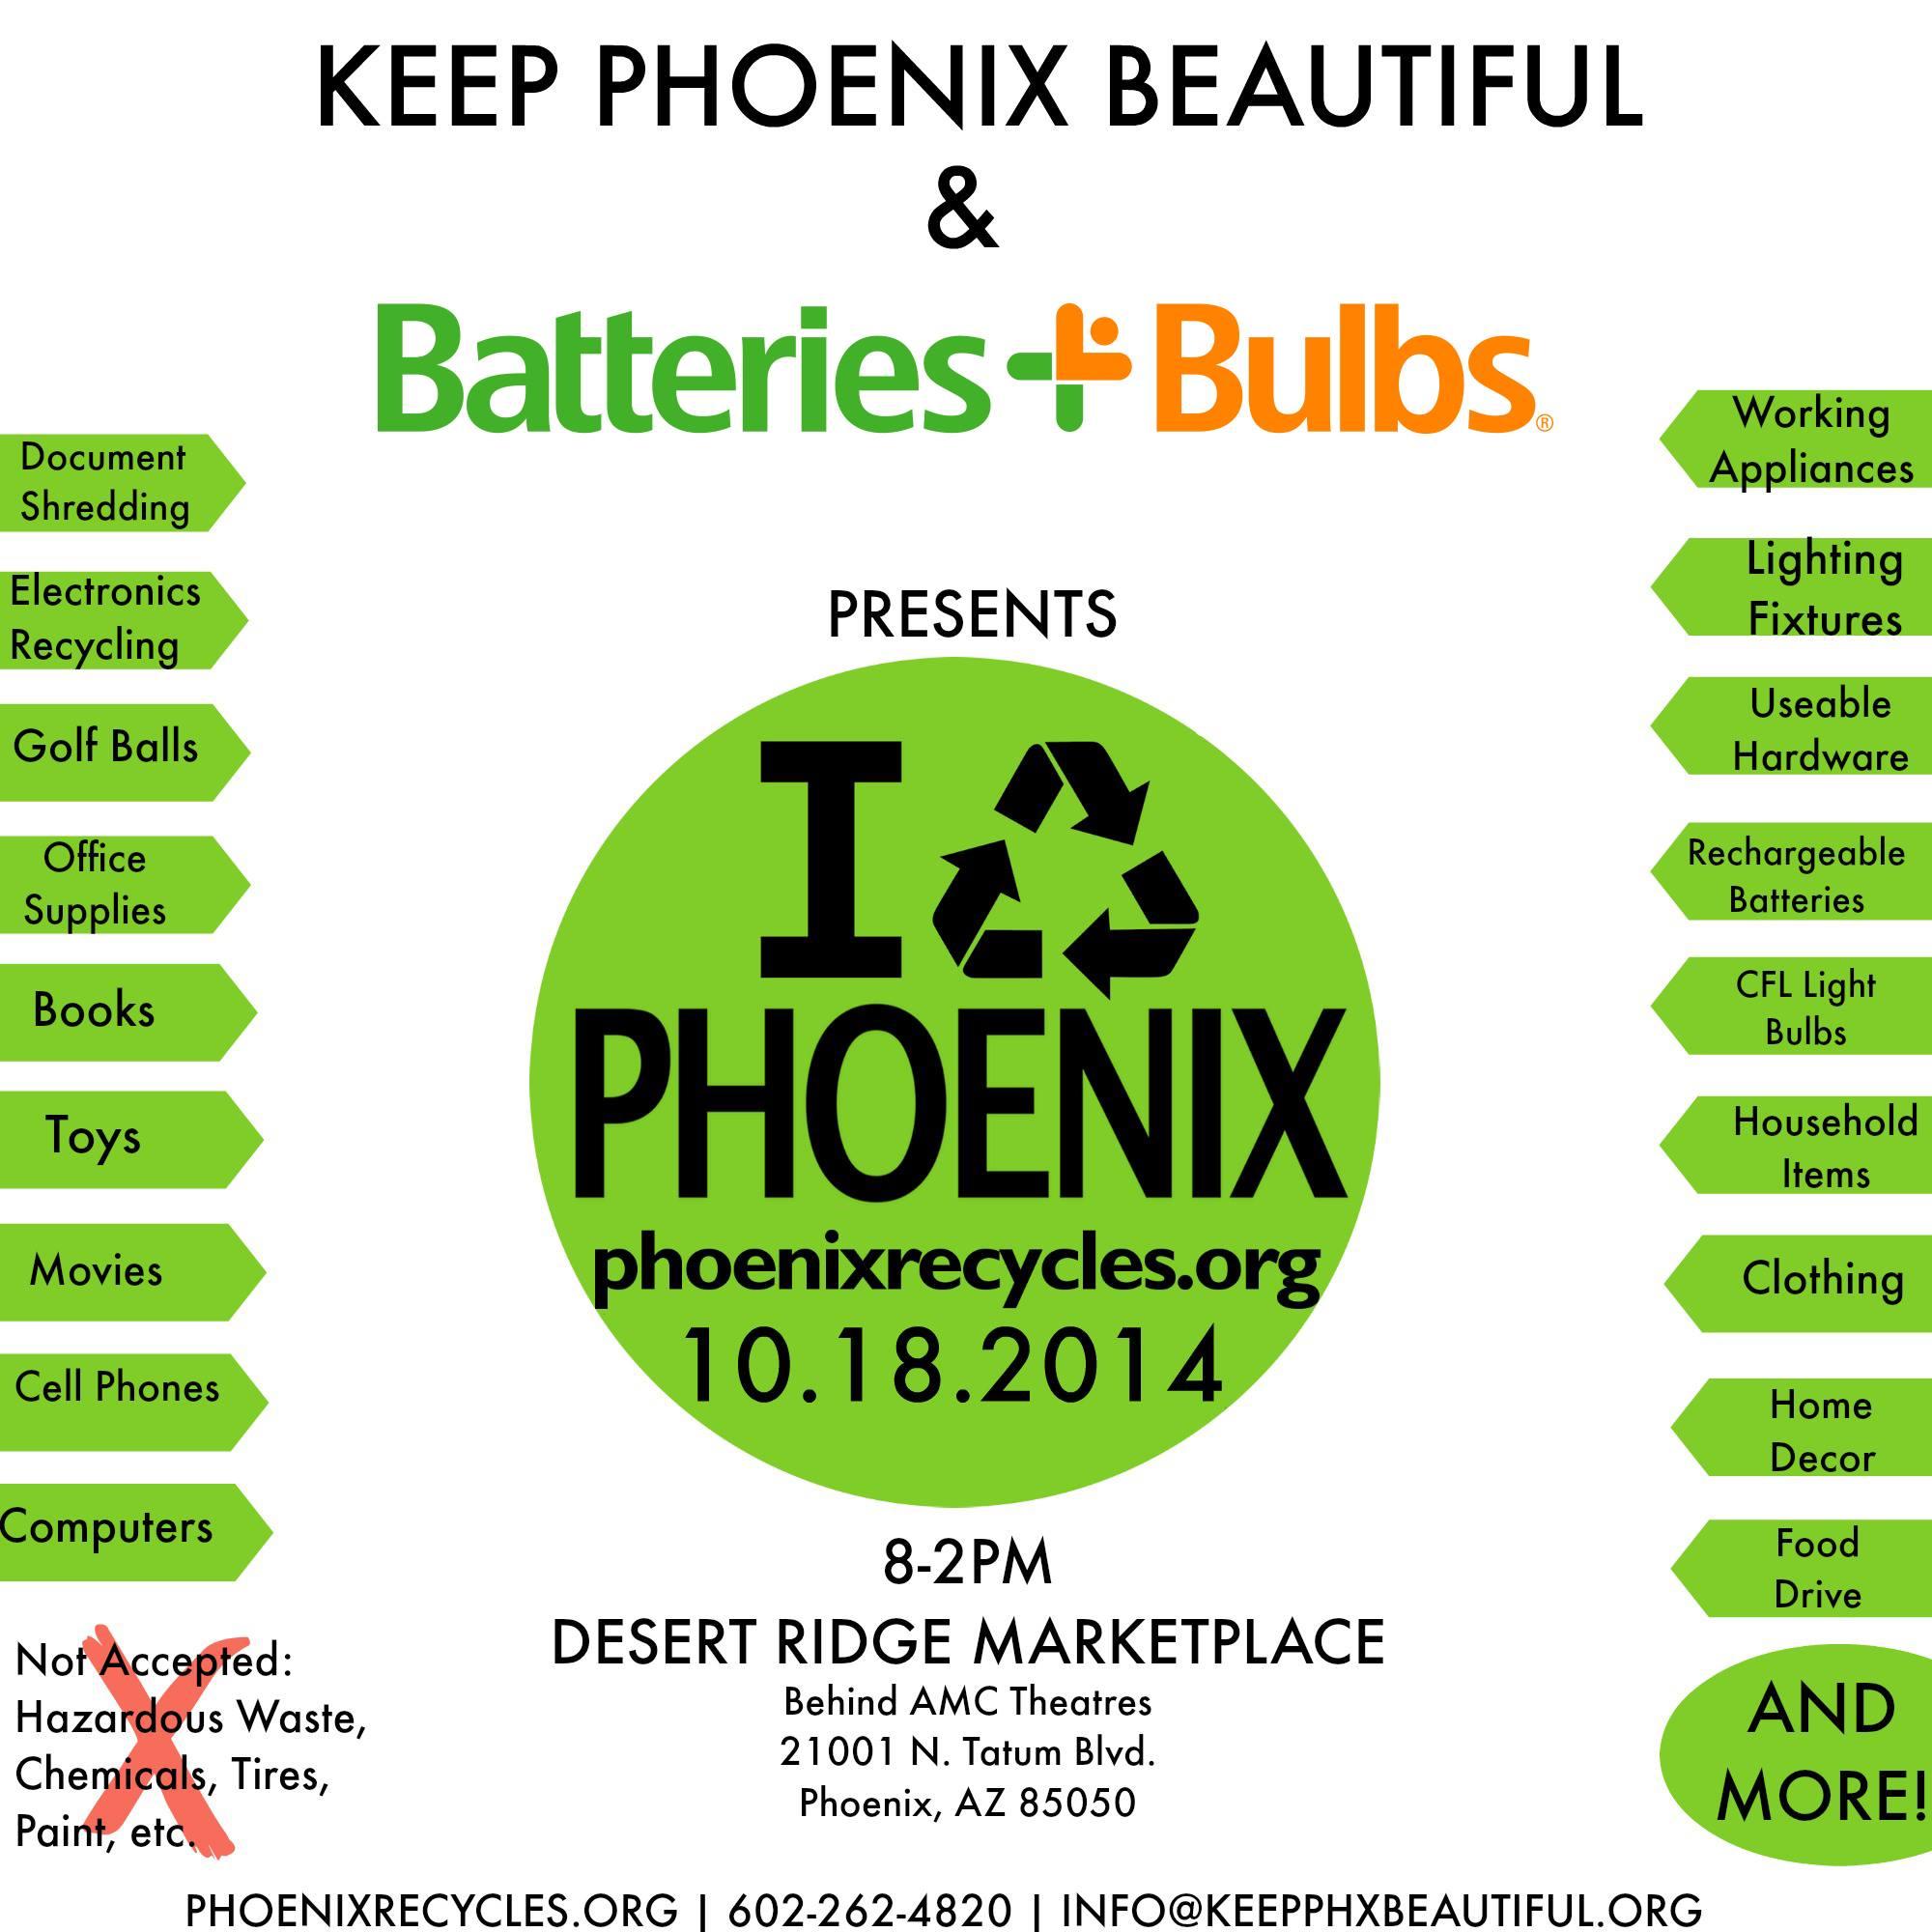 Batteries Plus Bulbs 3404 S McClintock Dr, Tempe